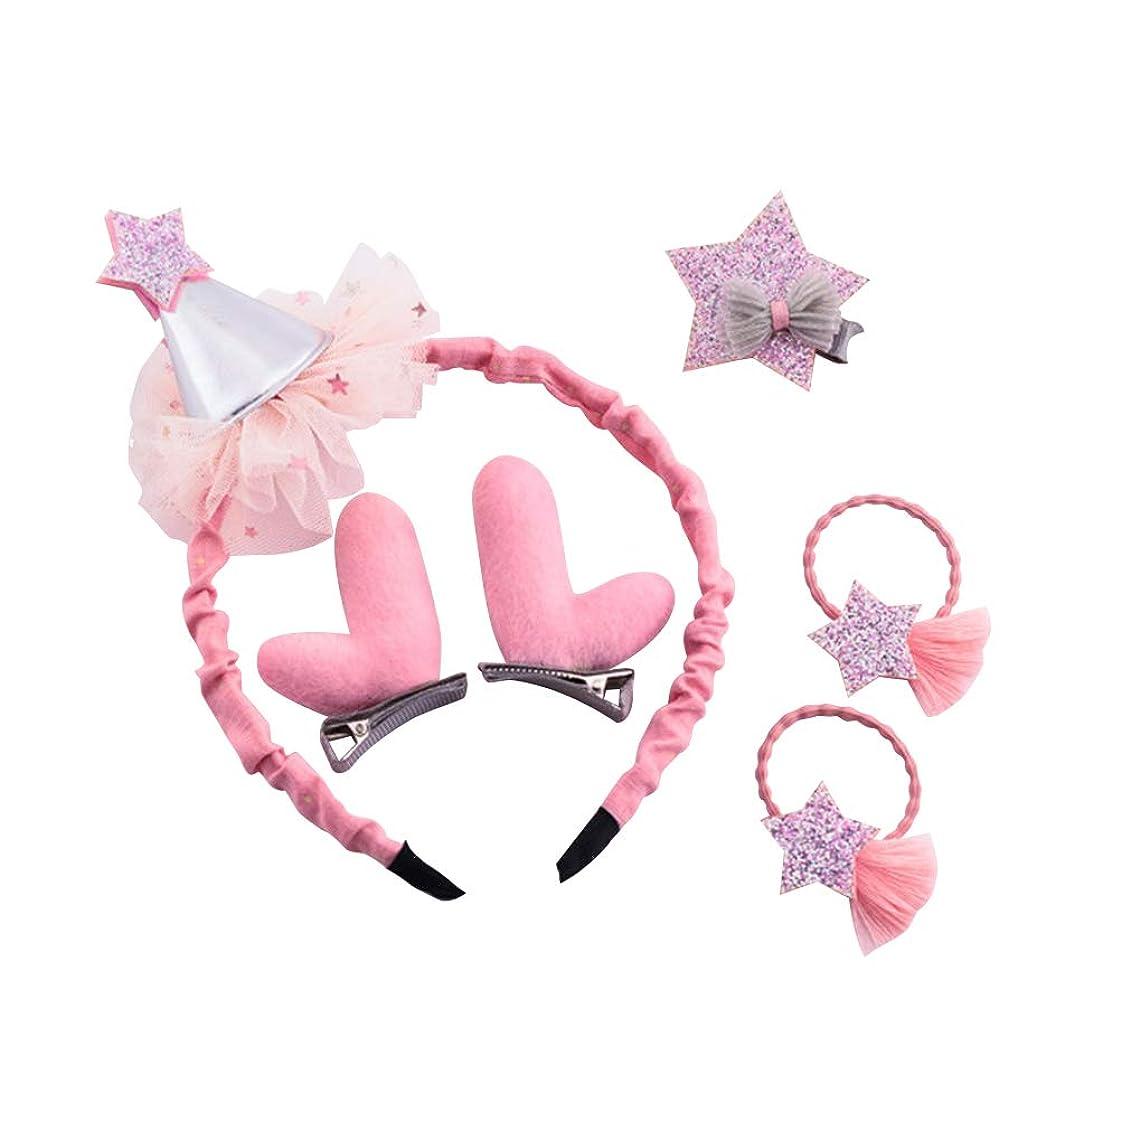 ねじれ原告出費BESTOYARD クリスマスの髪のアクセサリー帽子のレンダーの飾り飾りヘッドバンドのヘアクリップ女の子のためのピンバレッタの髪の弾性(ピンク)